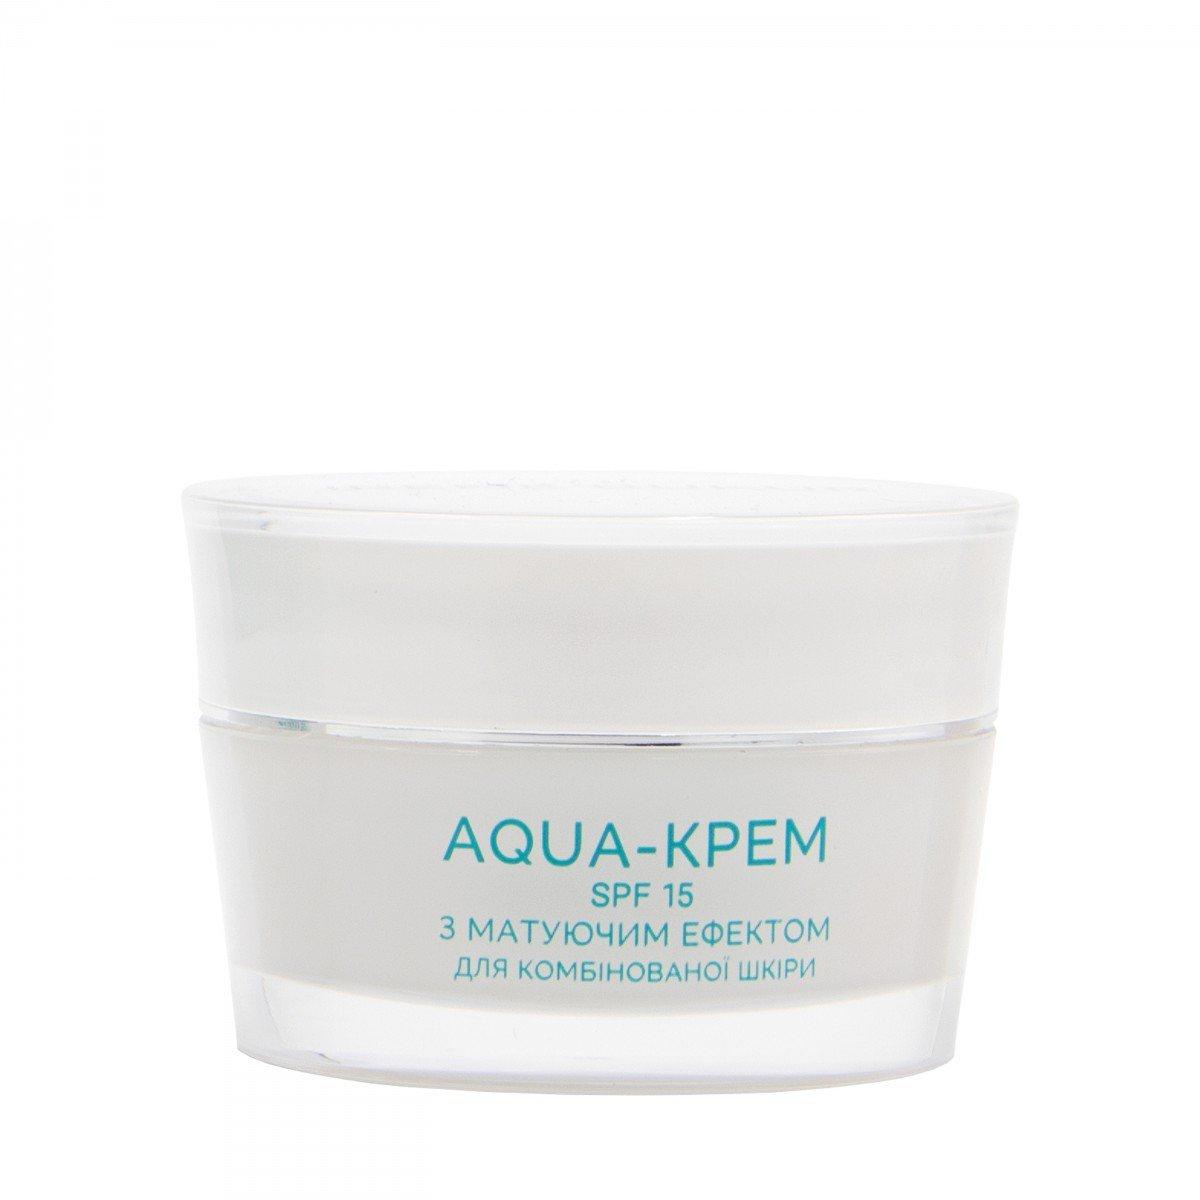 Aqua-крем матирующий с морским пробиотиком SPF 15 для нормальной и комбинированной кожи, 45 мл